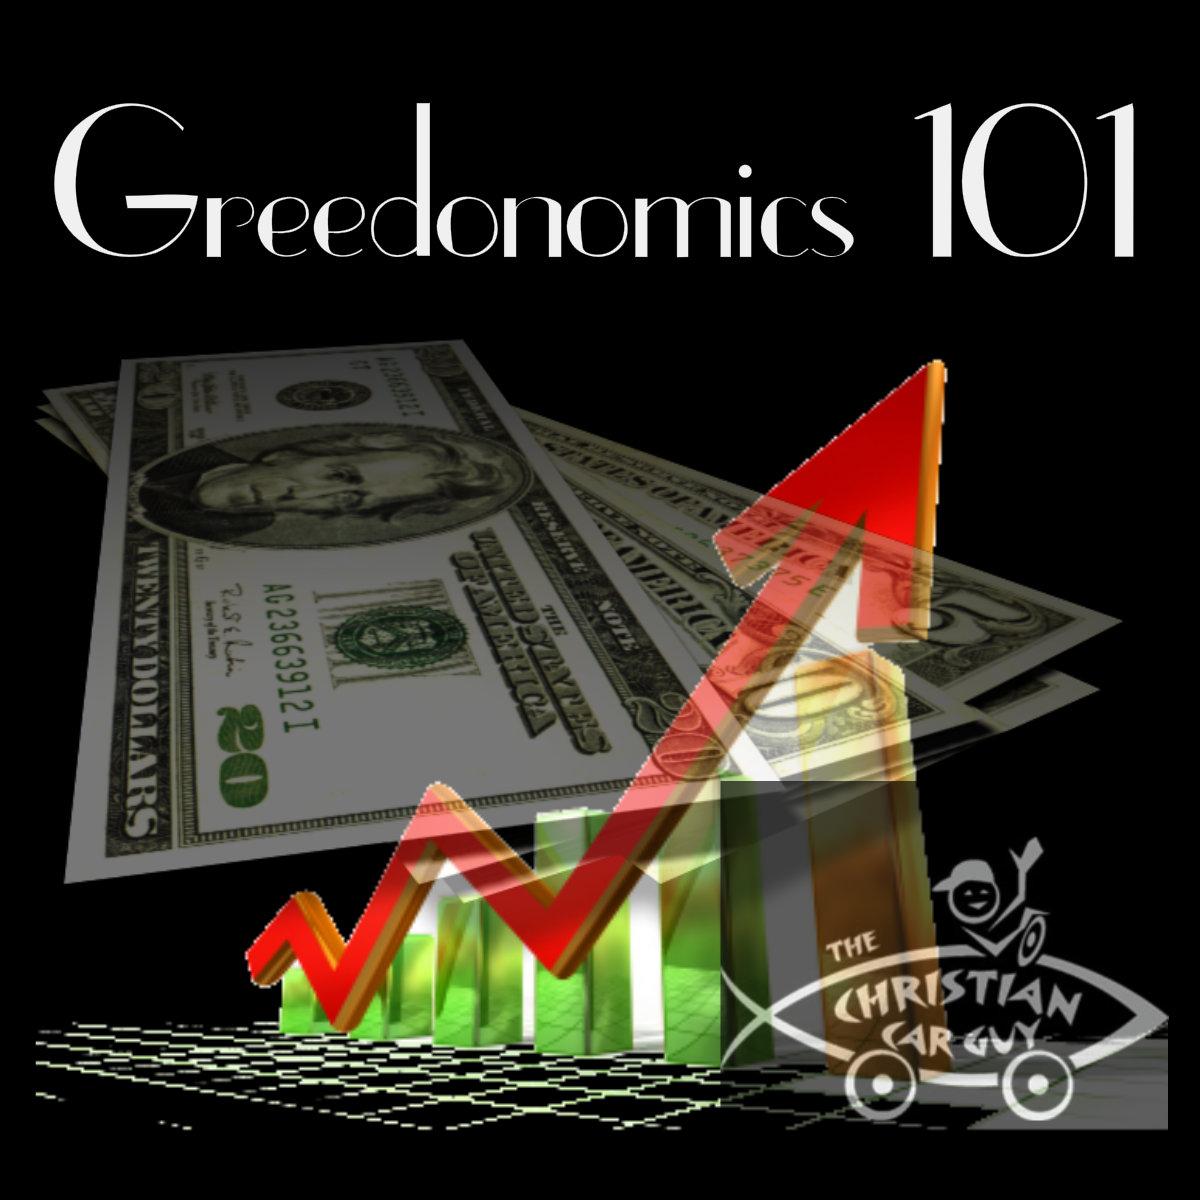 Greedonomics 101